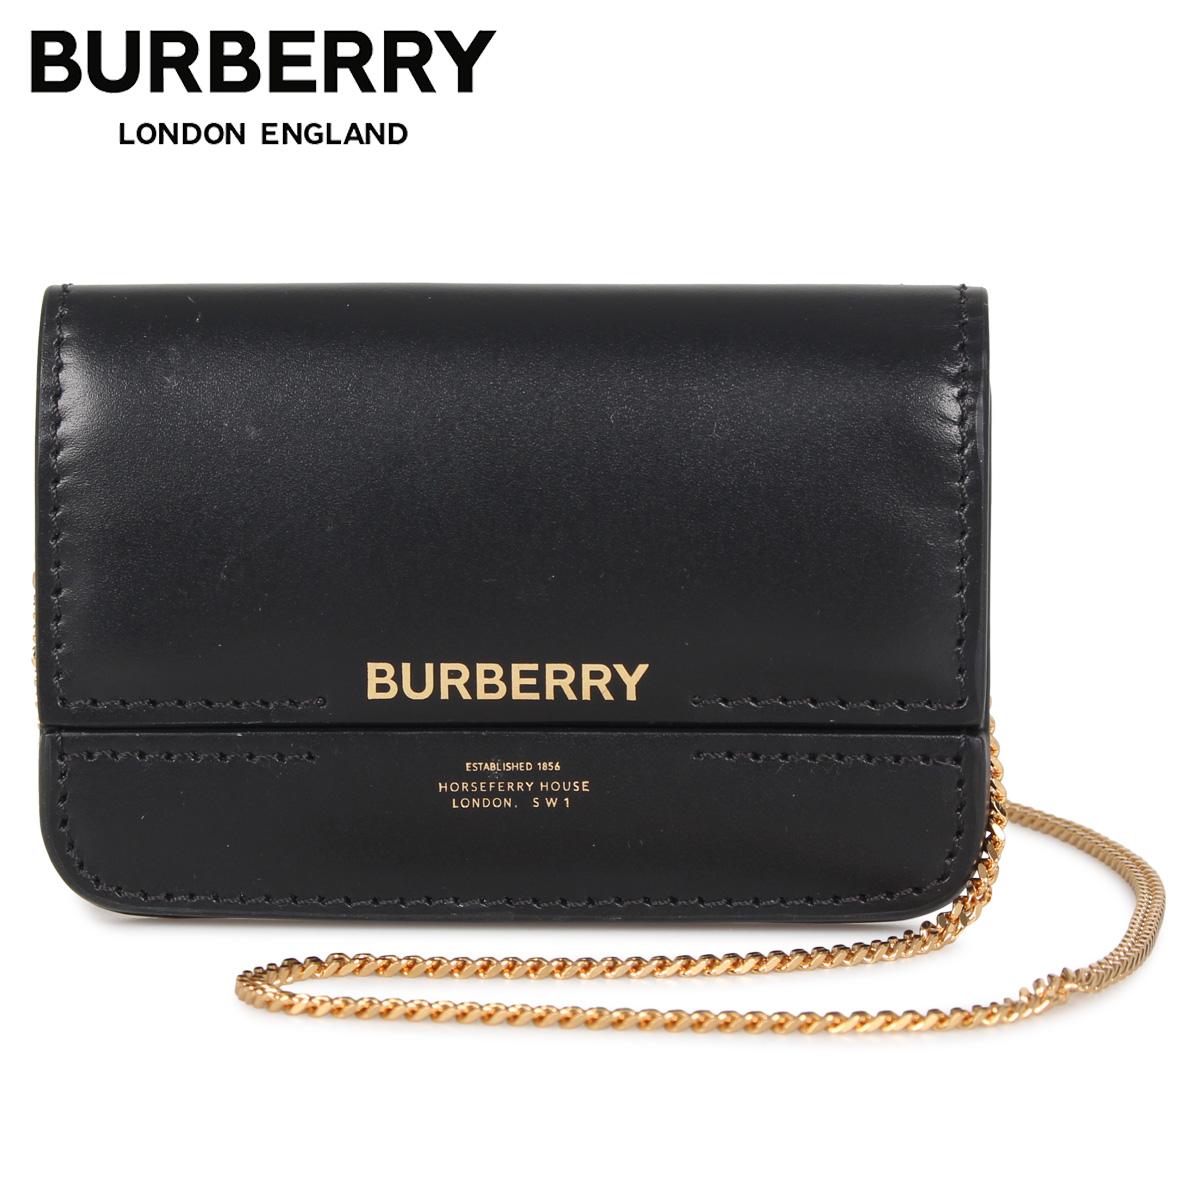 BURBERRY バーバリー パスケース カードケース ID 定期入れ ショルダー レディース HORSEFERRY PRINT CLUTCH CARD CASE ブラック 黒 8011478 [3/4 新入荷]